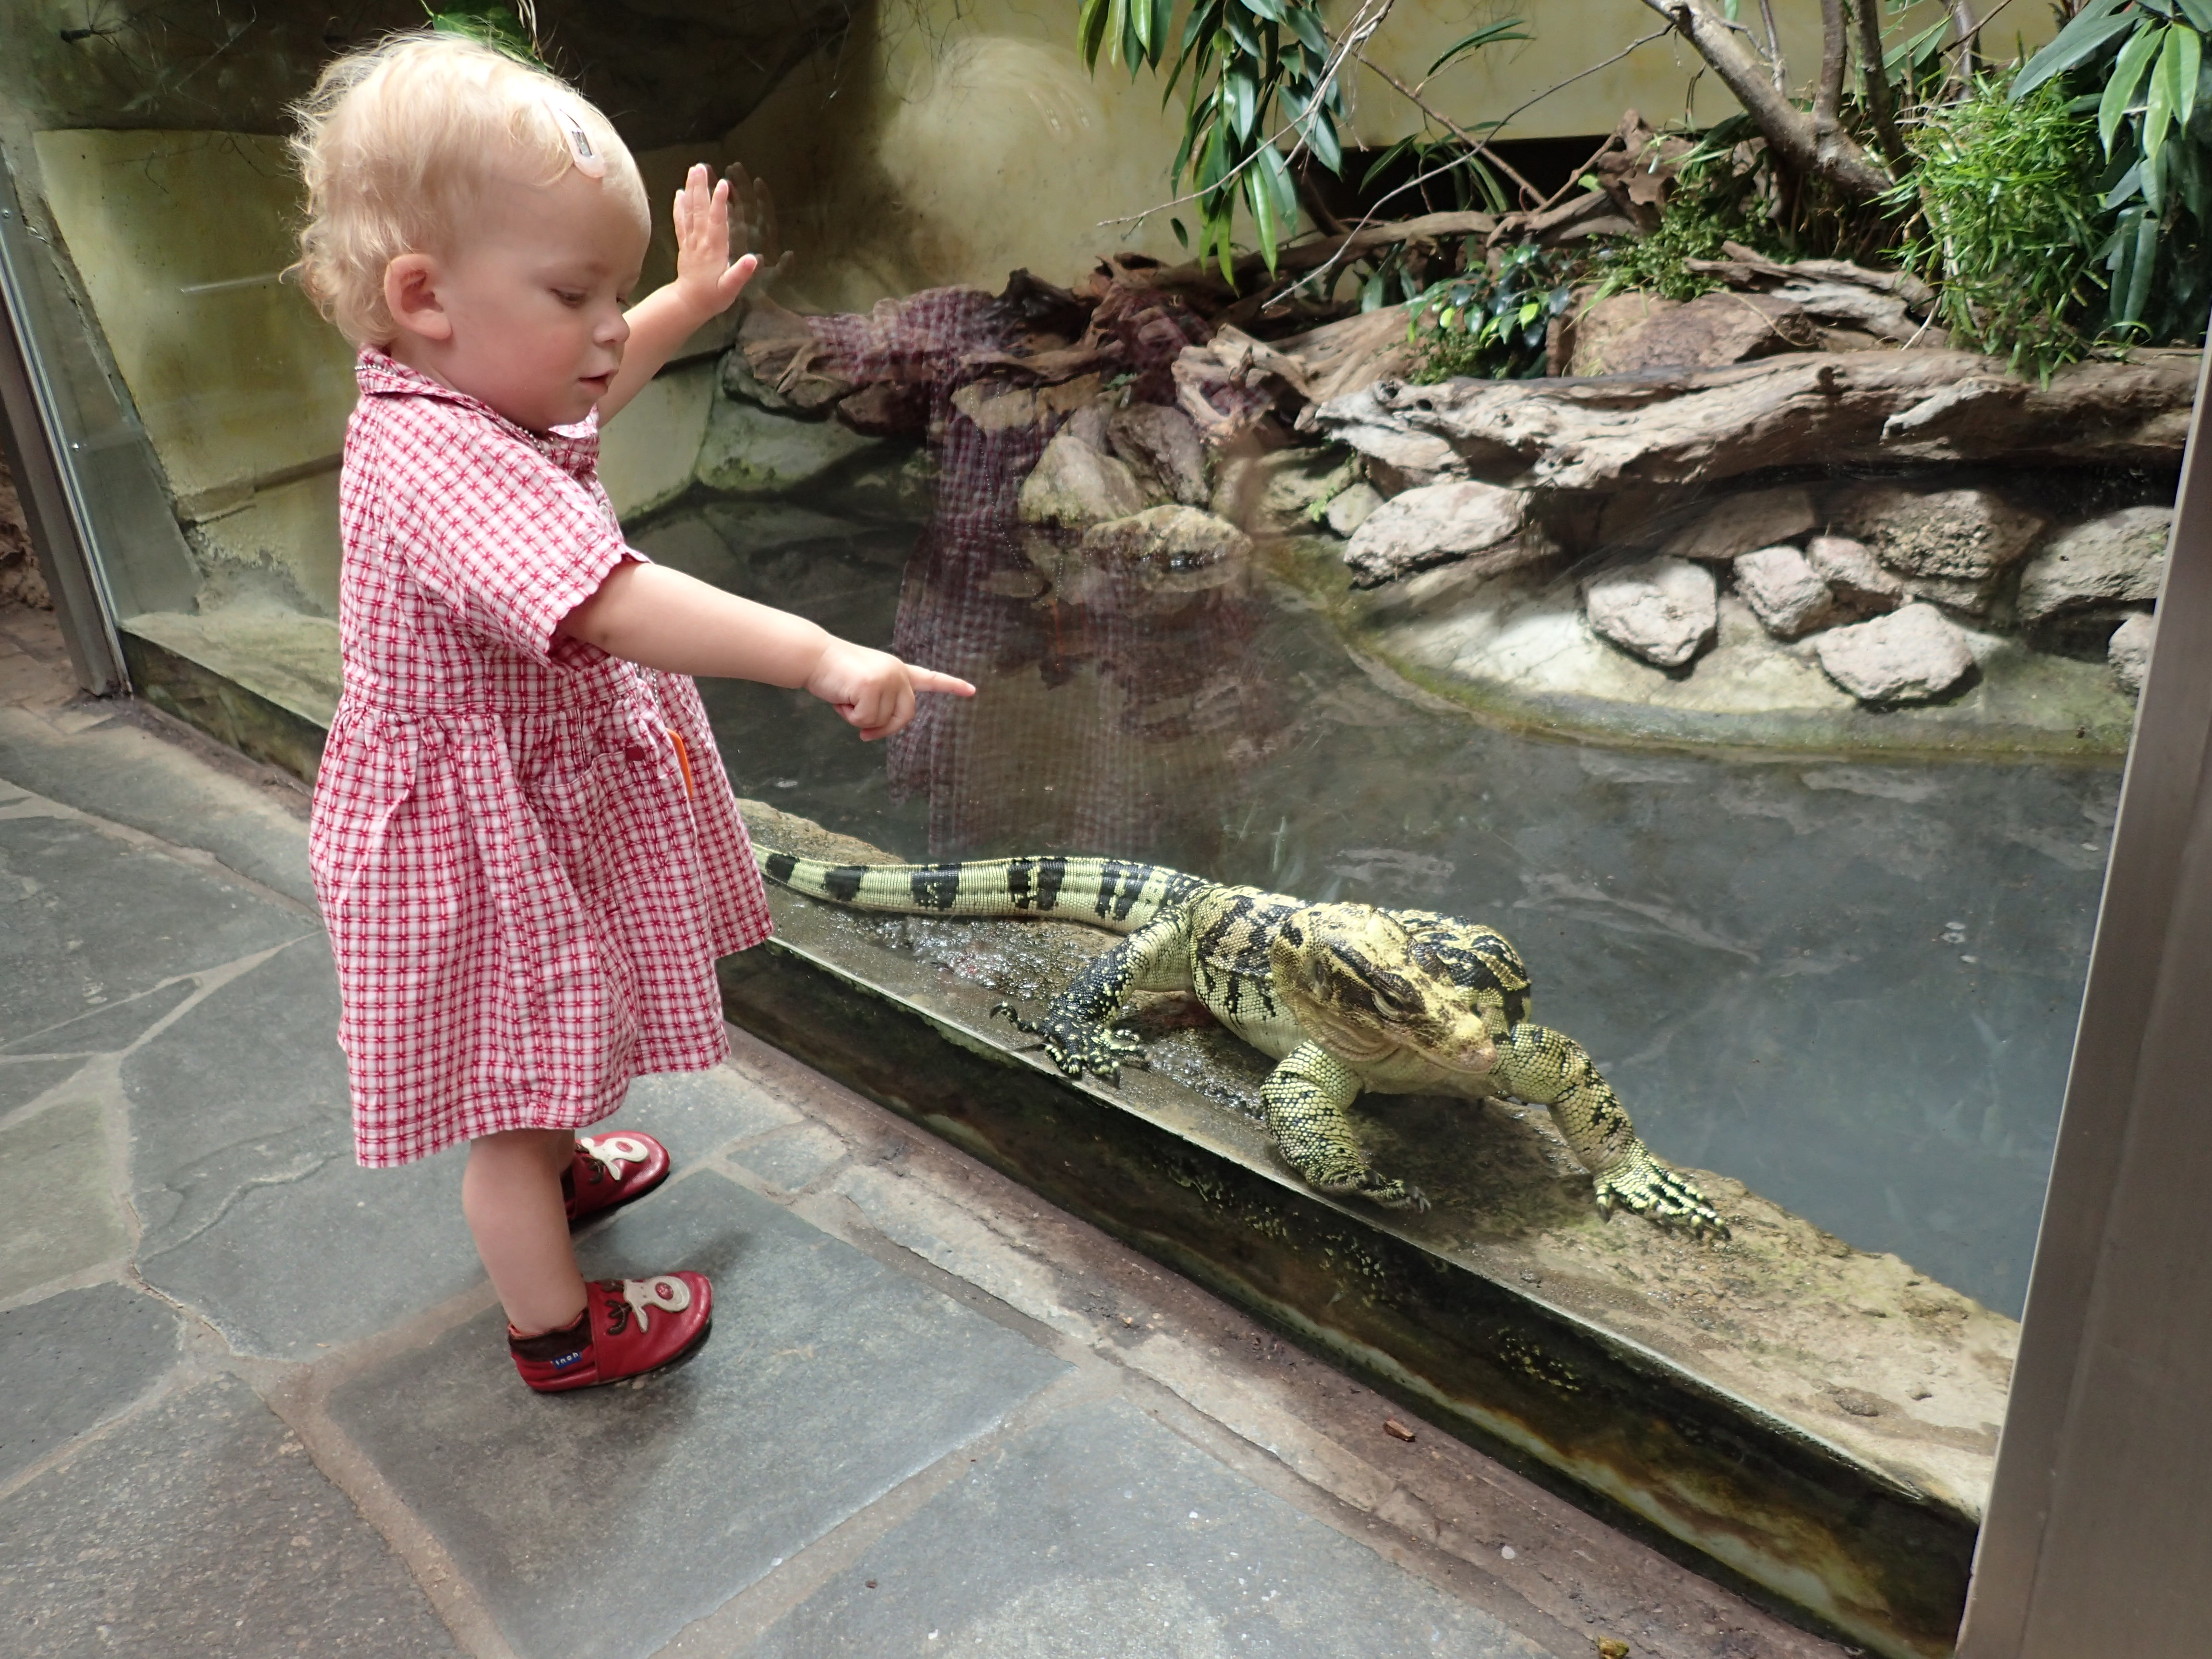 Ene Besuch em Zoo - un noch ene - un noch ene